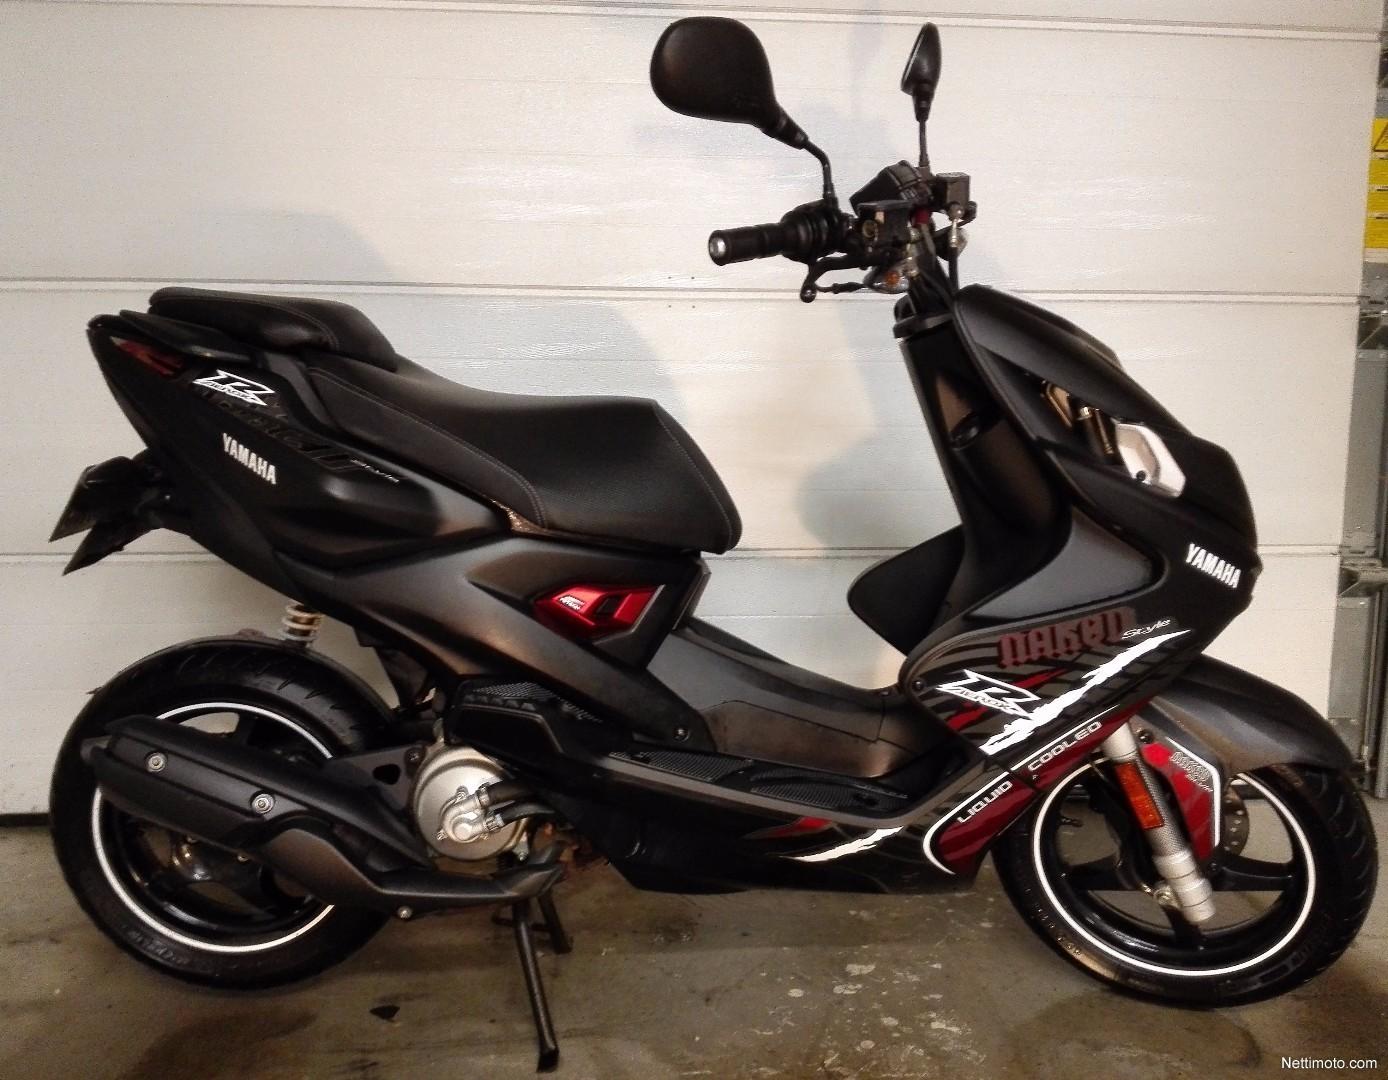 Yamaha Aerox 50 Naked 50 cm³ 2014 - Vaasa - Mopo - Nettimoto